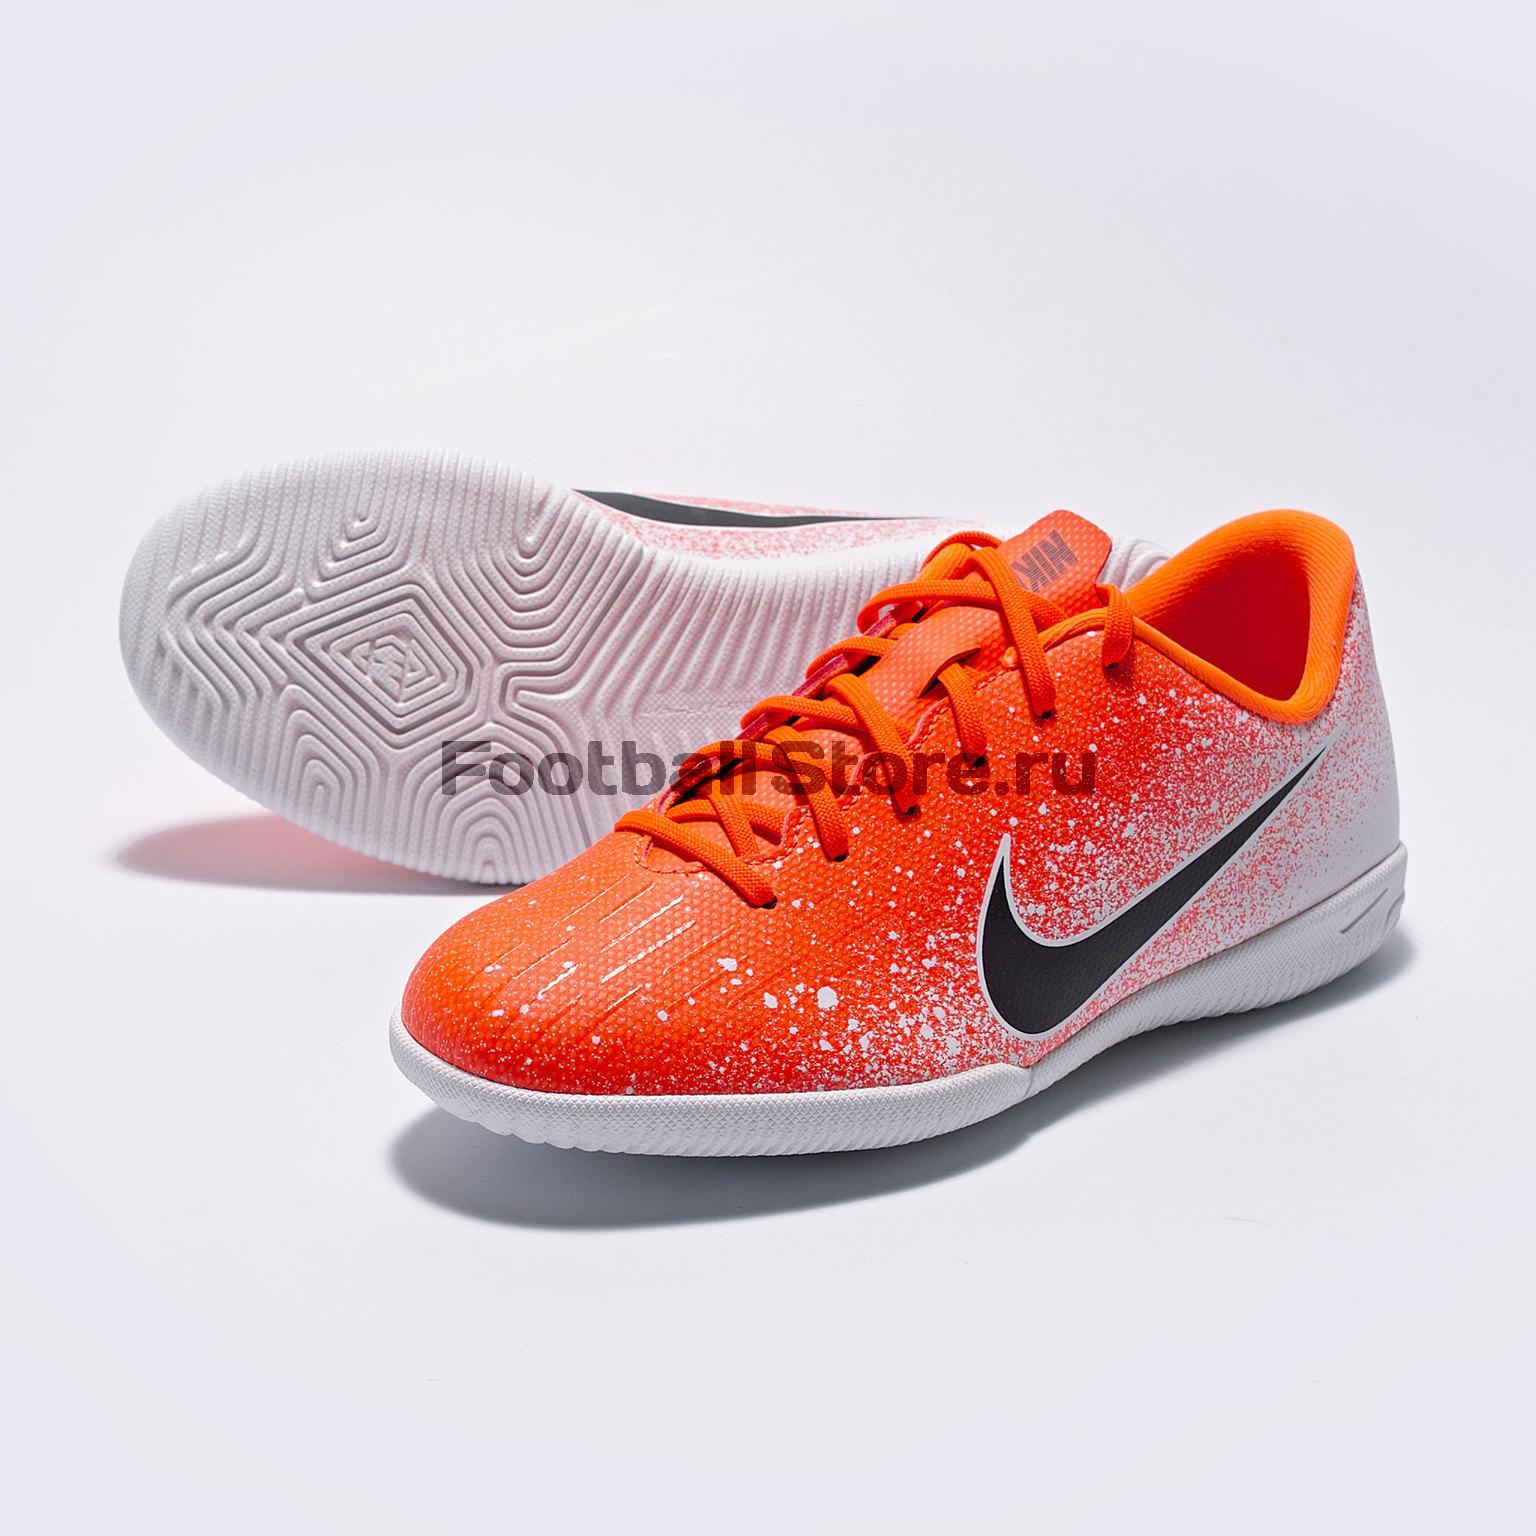 Футзалки детские Nike Vapor 12 Academy GS IC AJ3101-801 обувь для зала nike vapor 12 academy neymar ic ao3122 710